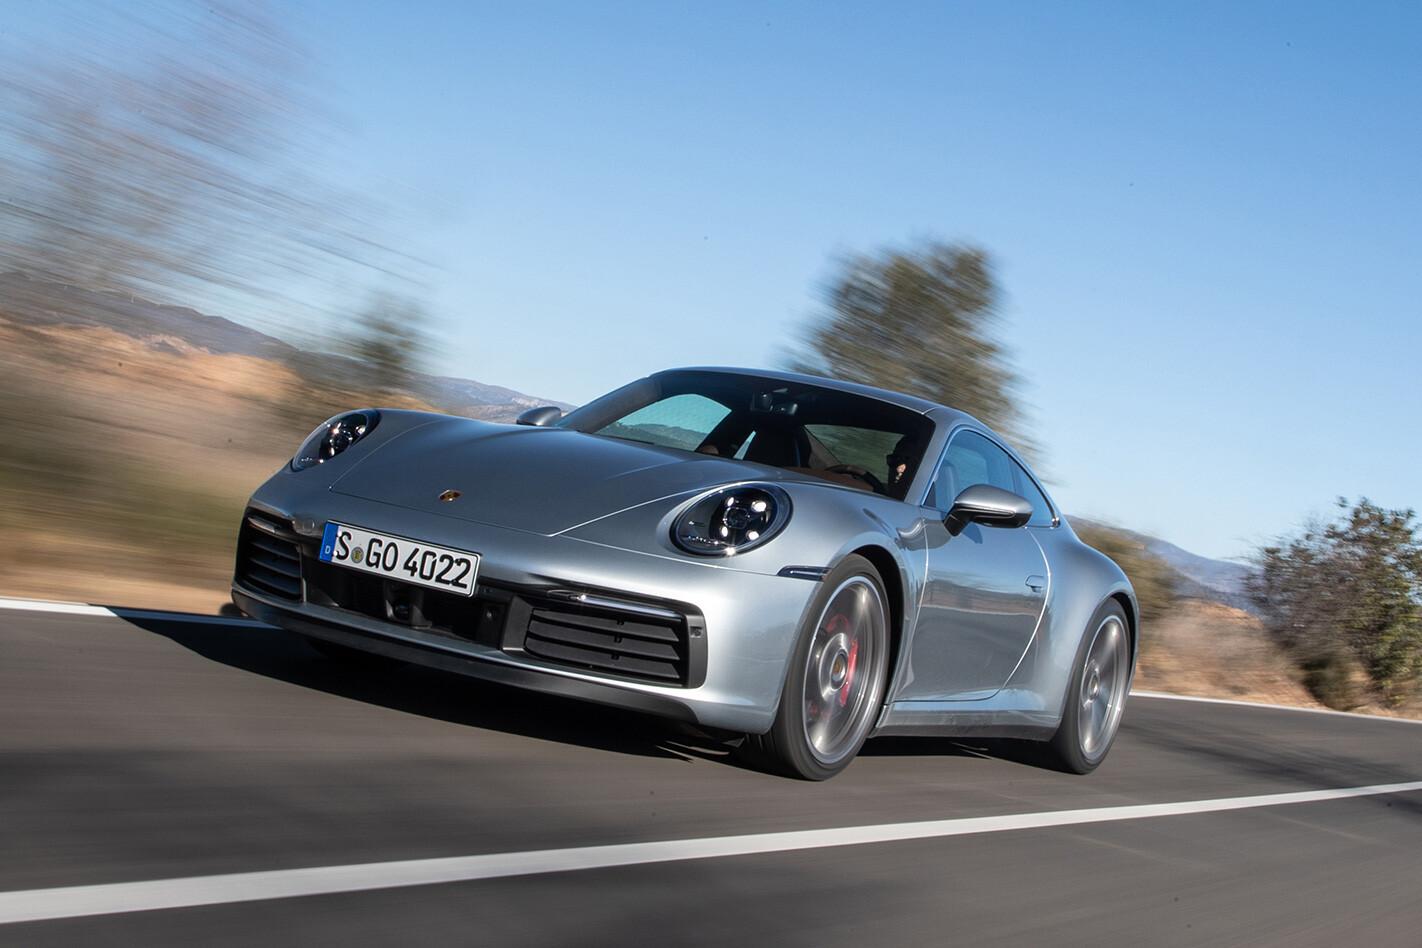 Porsche 911 Carrera S Zoom Jpg